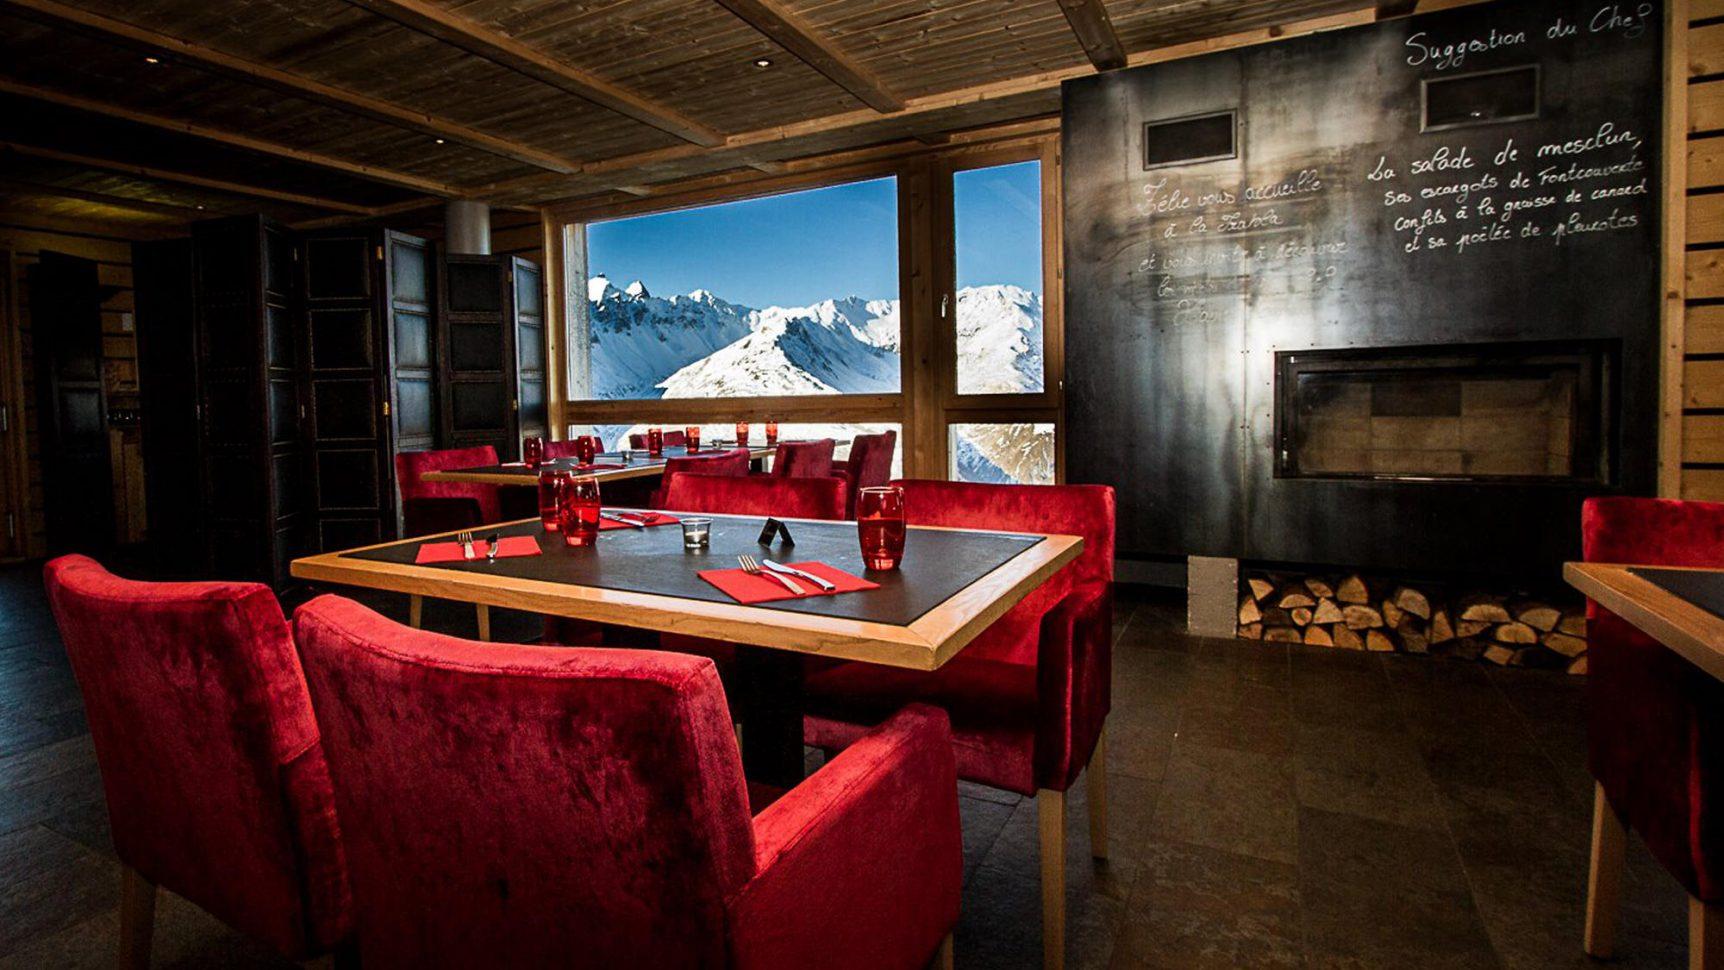 Restaurants d'altitude de Valloire